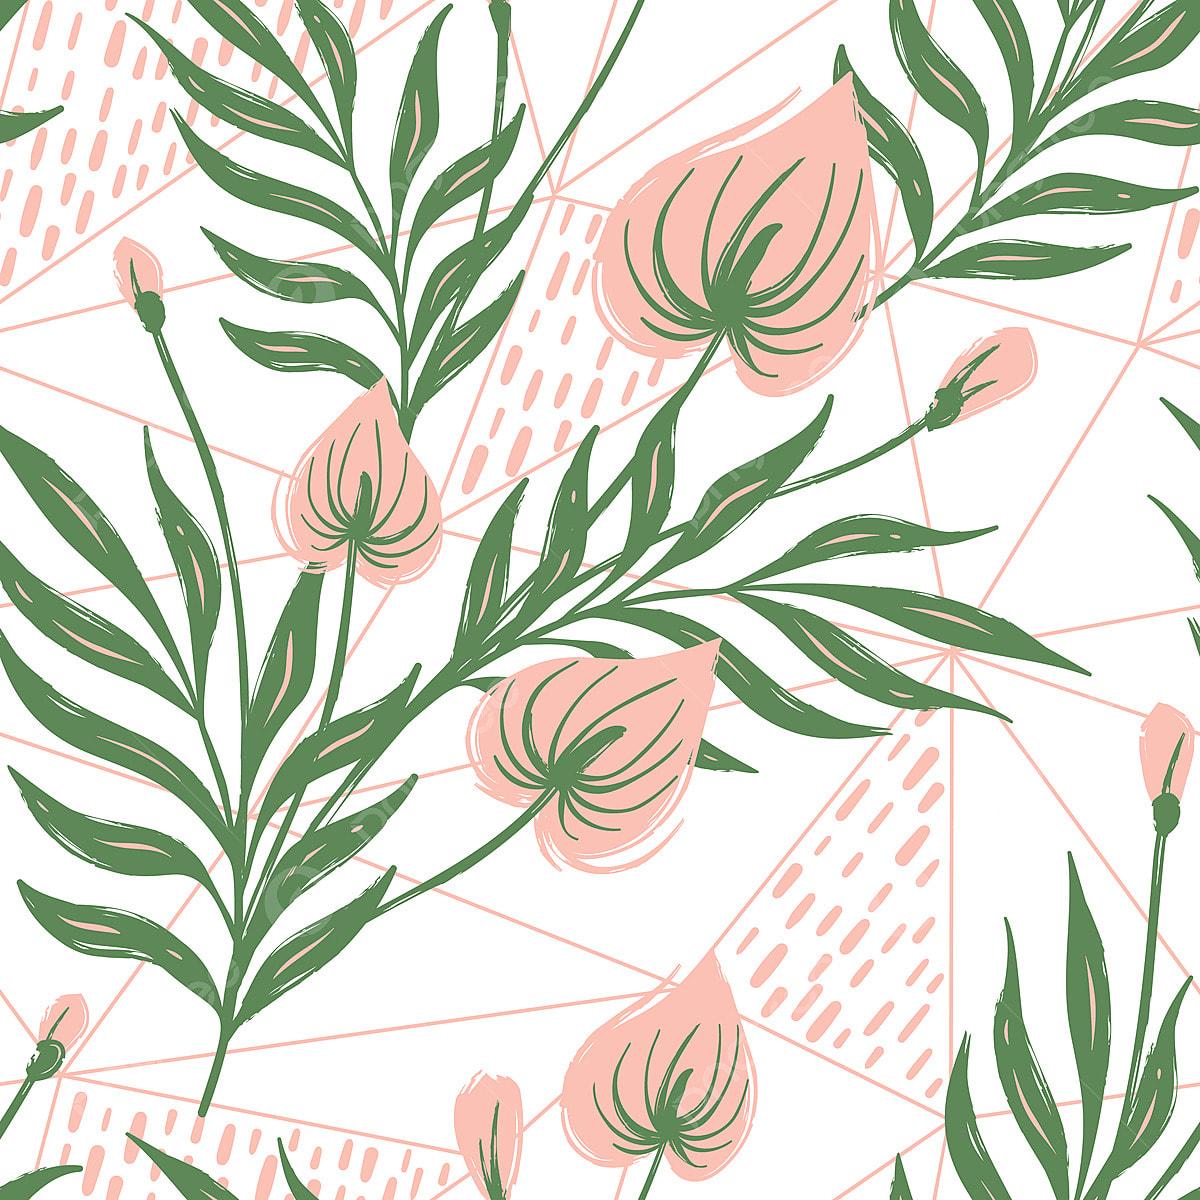 Patrón Transparente Con Flores Tropicales Y Hojas Mano Dibujado ...